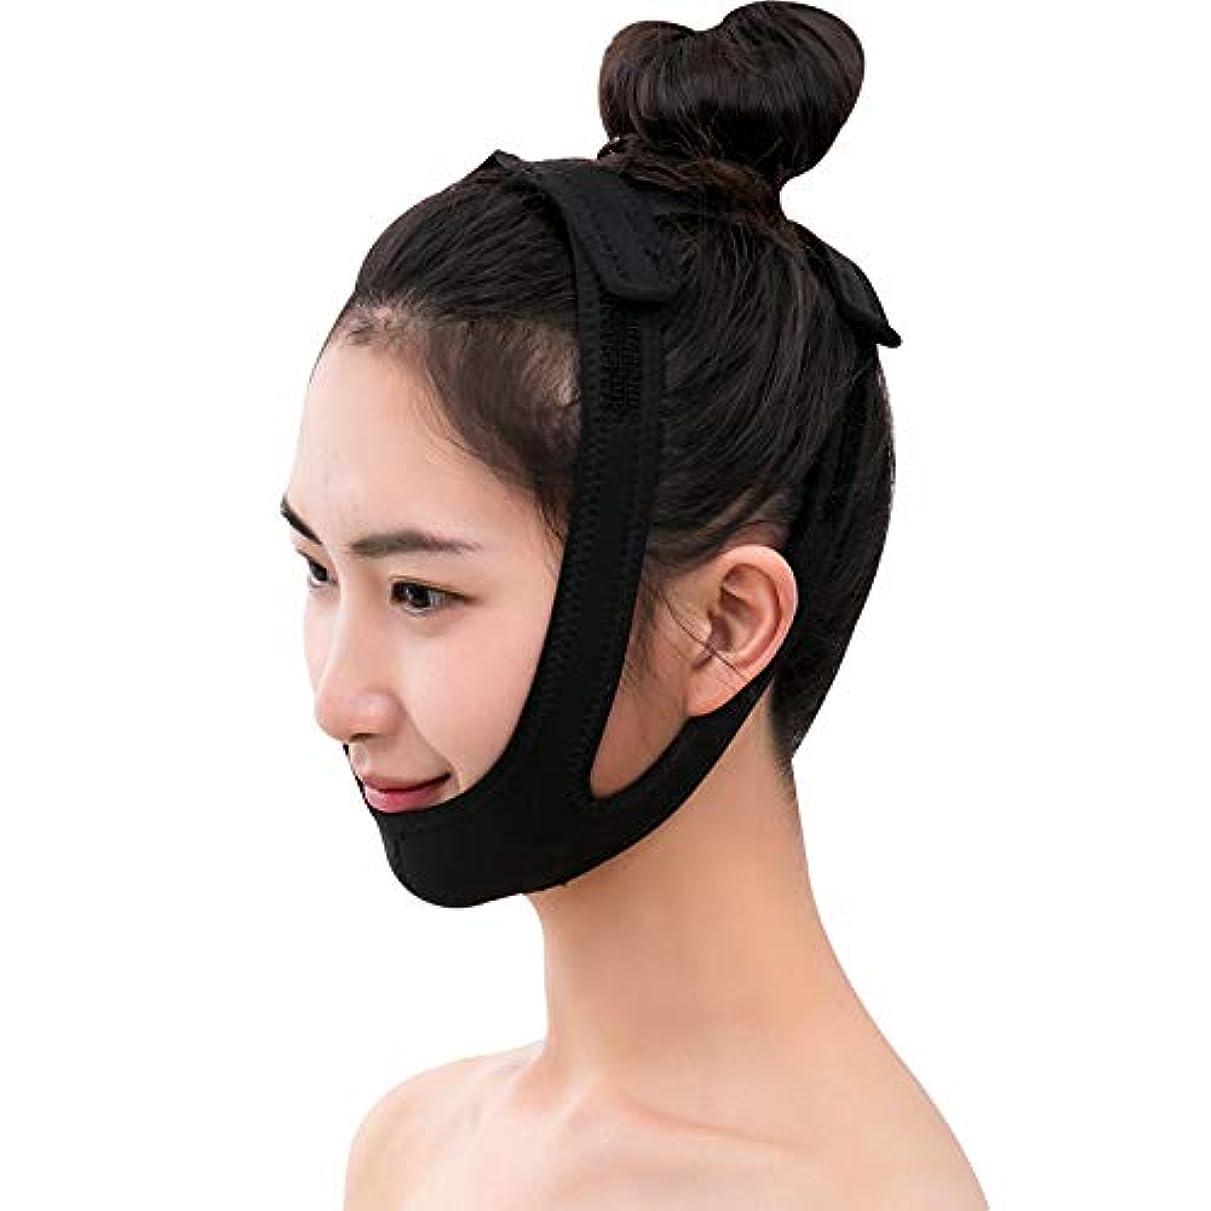 ブレーキフラスコ八百屋さんフェイスリフトベルト 薄いフェイスバンド - 薄い顔の包帯ビューティーインストゥルメントフェイシャルリフト睡眠マスク法Vフェイスマスクの通気性を作る